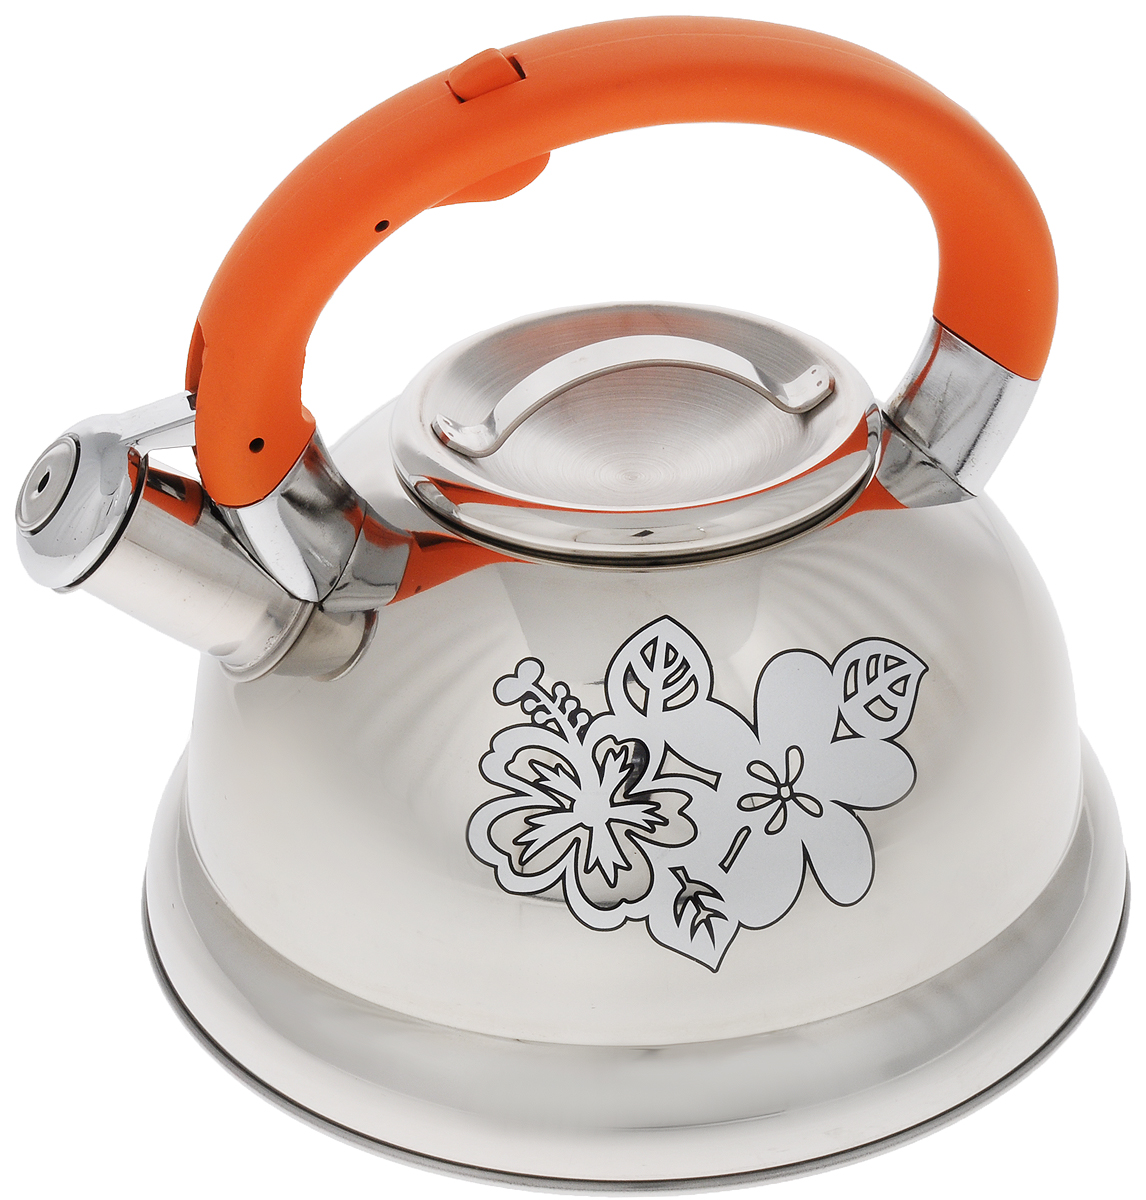 Чайник Mayer & Boch, со свистком, 2,6 л. 2278994672Чайник Mayer & Boch выполнен из высококачественной нержавеющей стали. Носик чайникаоснащен насадкой-свистком, что позволит вам контролировать процесс подогрева или кипячения воды. Ручка из бакелита делает использование чайника очень удобным и безопасным. Эстетичный и функциональный чайник будет оригинально смотреться в любом интерьере..Подходит для газовых, электрических, стеклокерамических и индукционных плит. Можно мыть впосудомоечной машине. Диаметр чайника (по верхнему краю): 10 см.Диаметр основания: 22 см. Высота чайника (без учета ручки): 11,5 см.Высота чайника (с учетом ручки): 20,5 см.